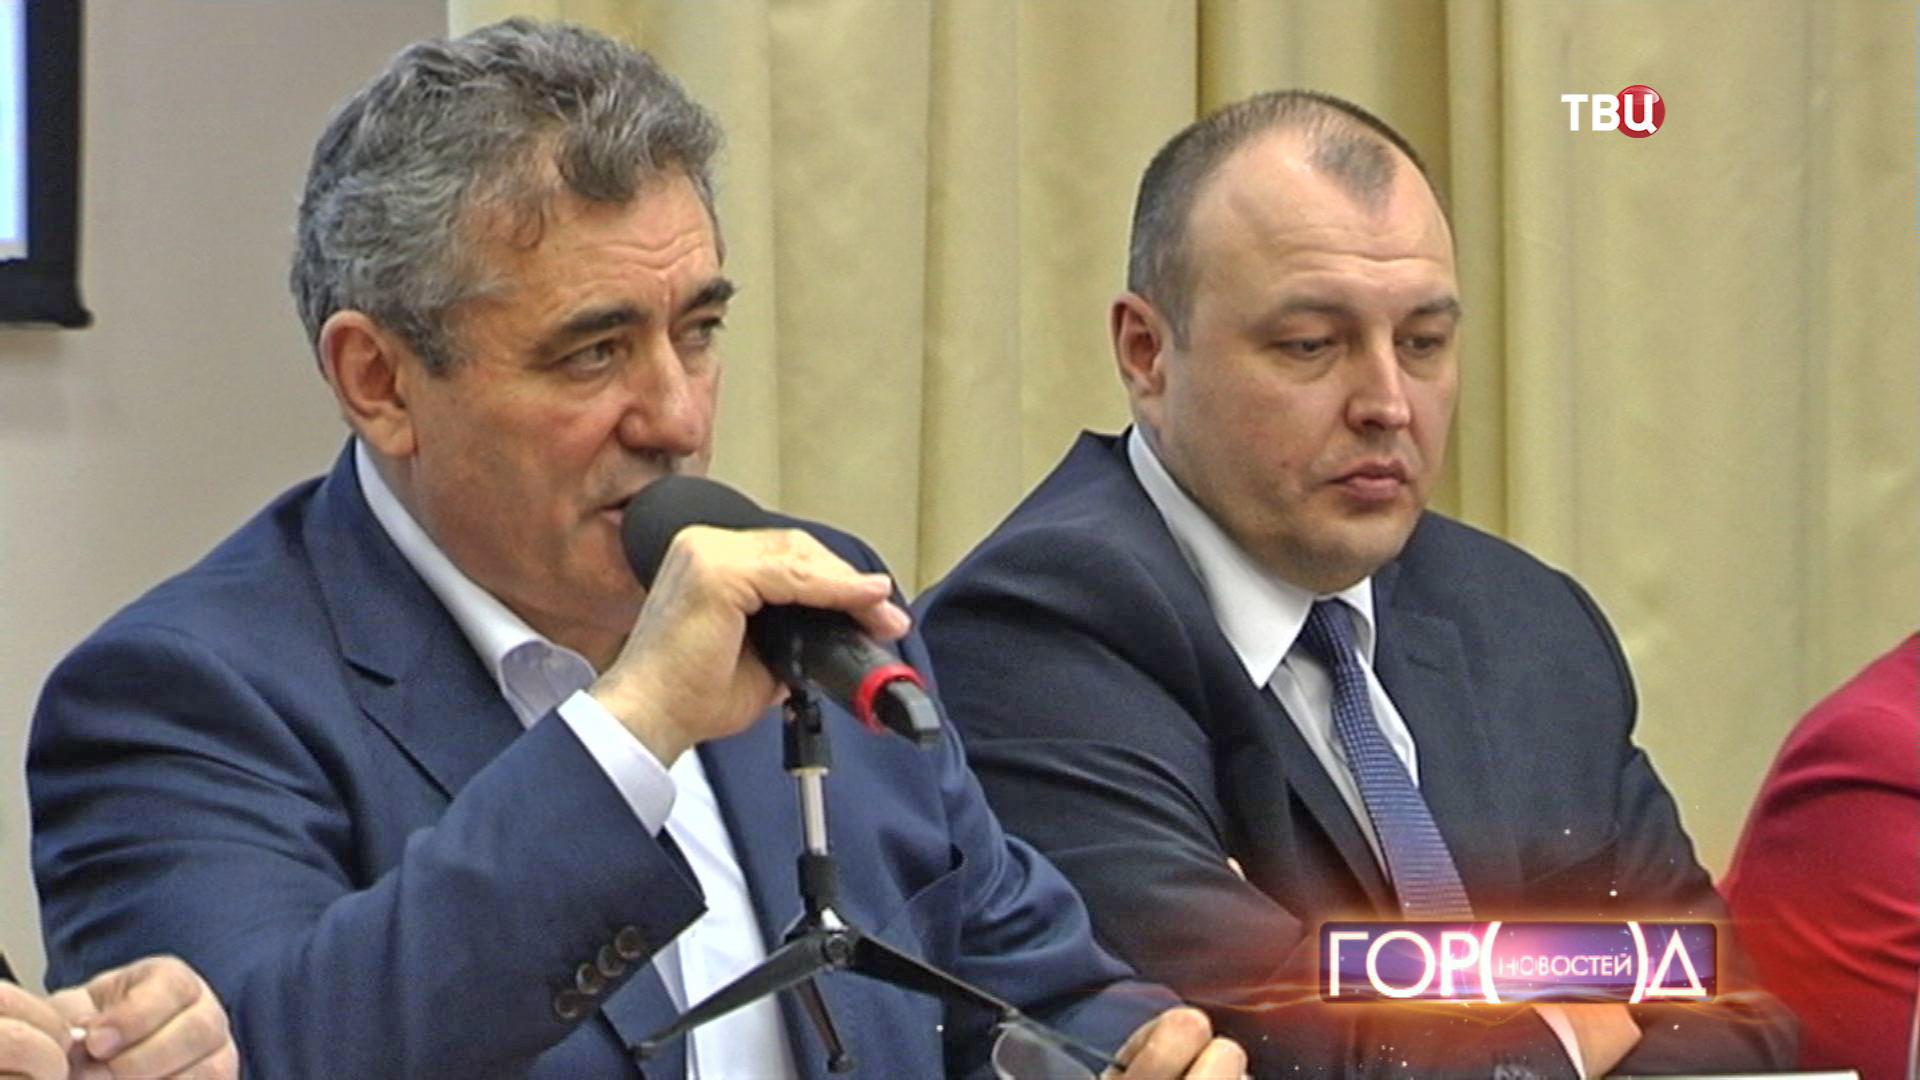 Руководитель департамента образования Исаак Калина